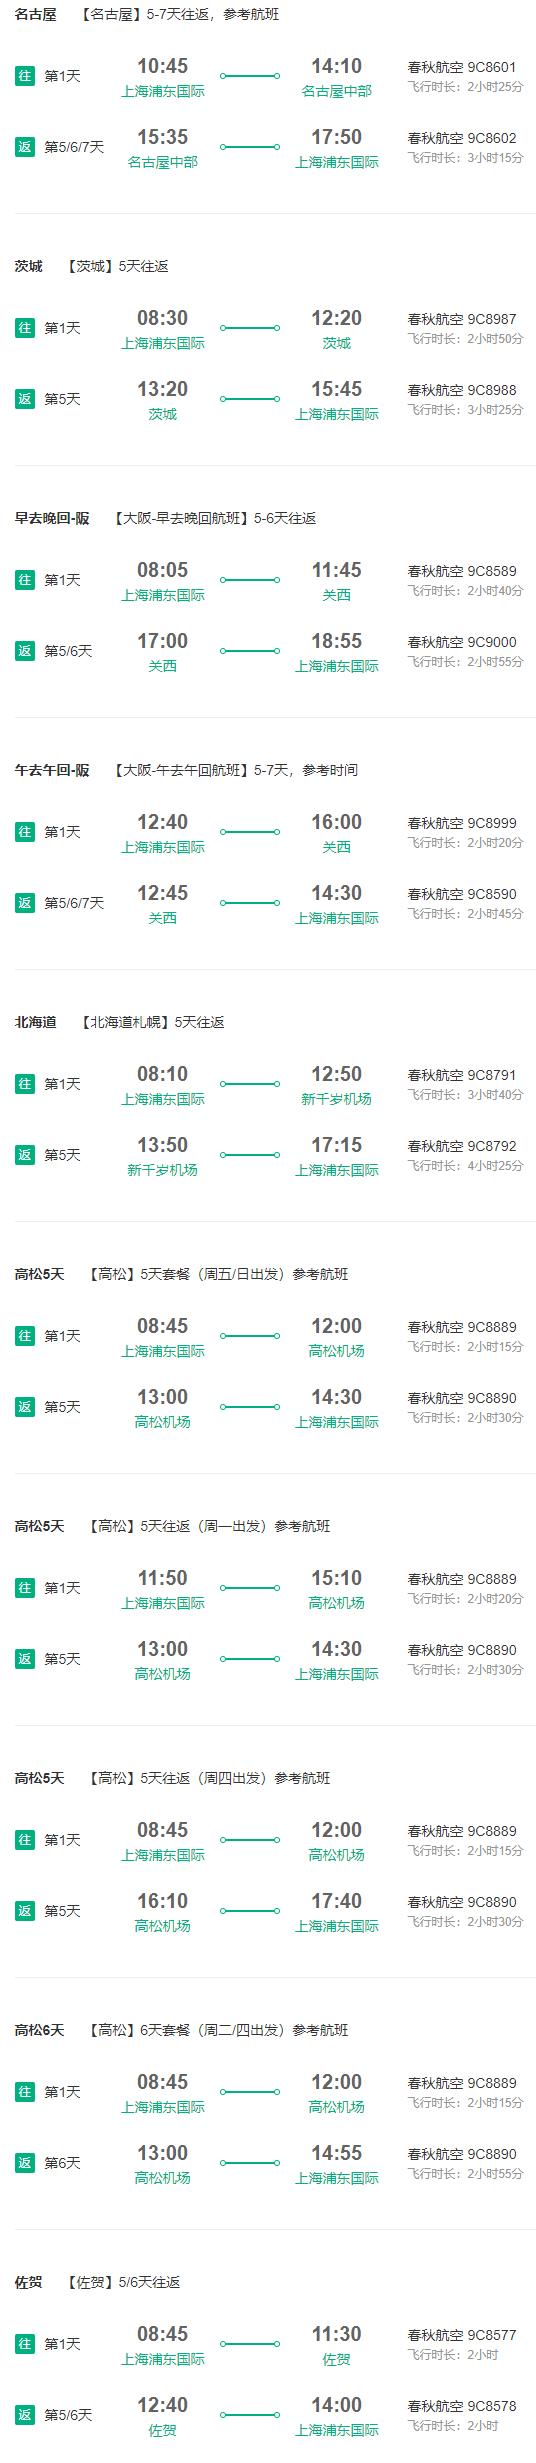 上海-日本大阪/名古屋/北海道/高松/佐贺/茨城 5-7天往返含税